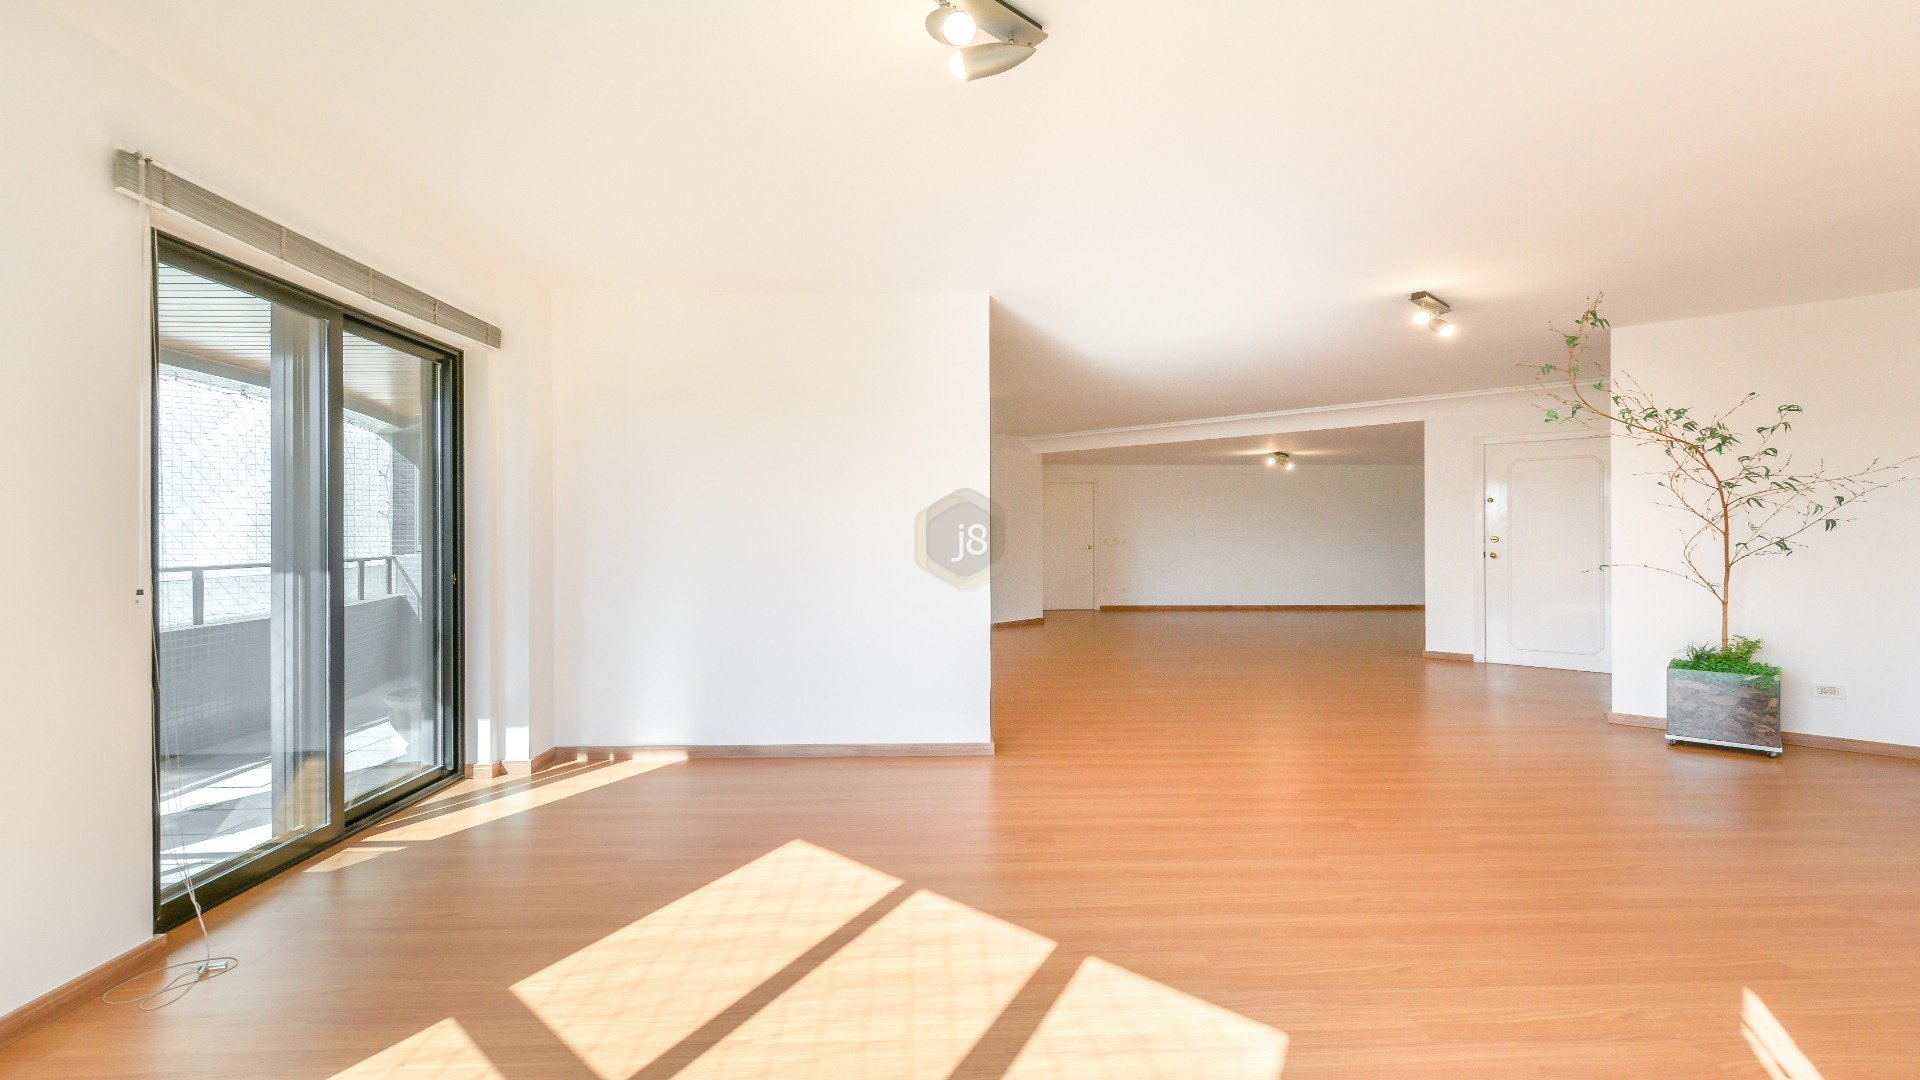 Foto de destaque Praticidade e exclusividade, apartamento 1 por andar no batel !